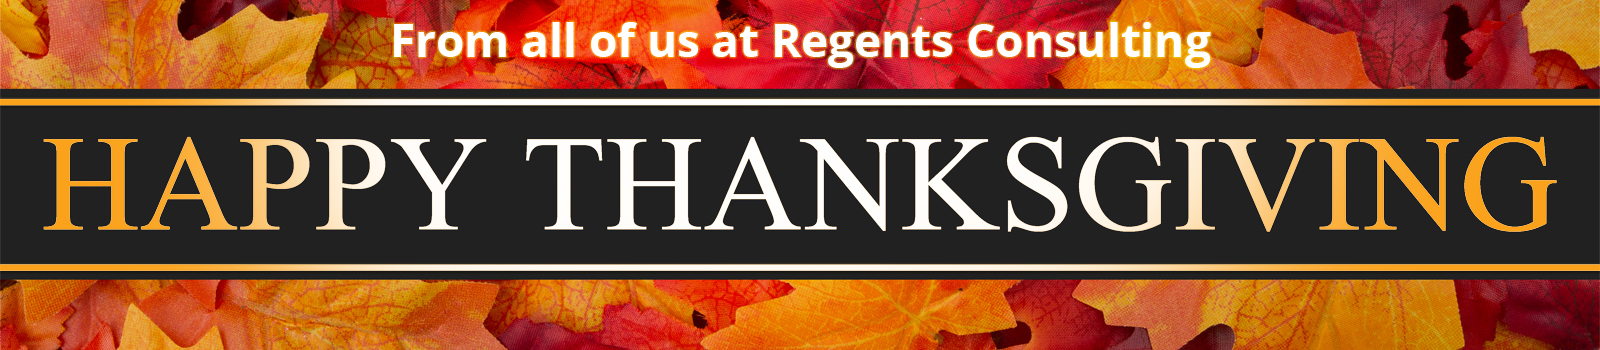 Slider_Thanksgiving_Regents